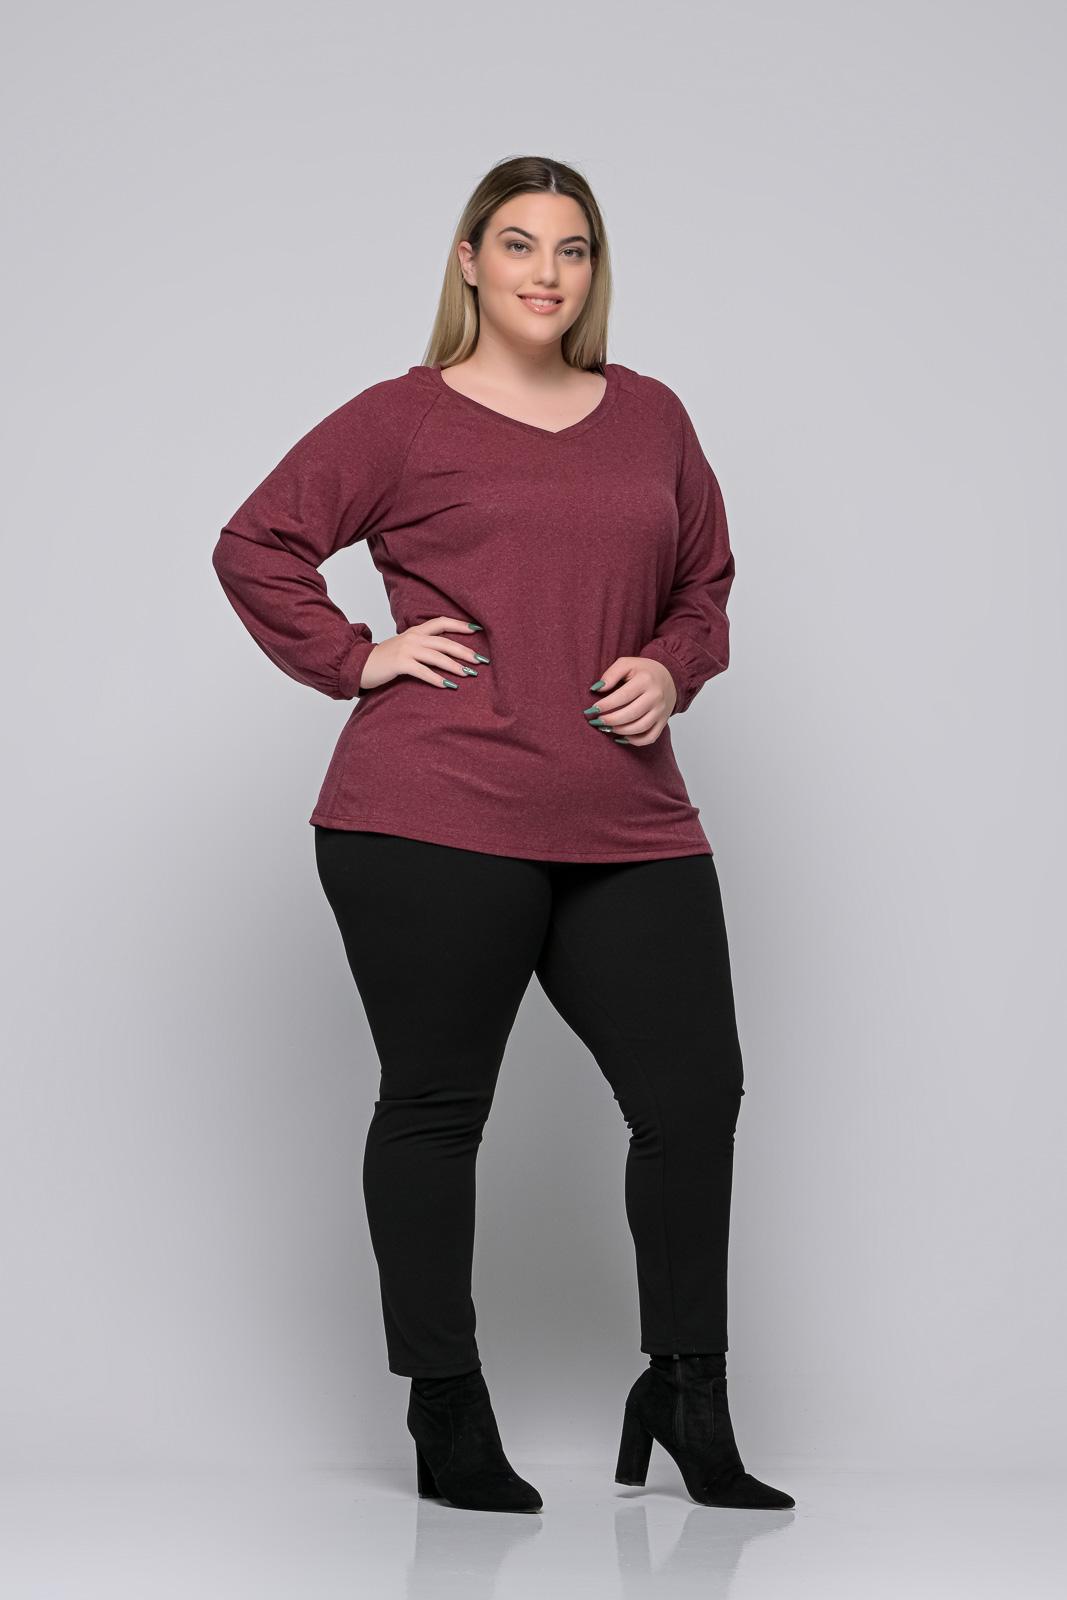 Μπλούζα μεγάλα μεγέθη +Psx μπορντό ελαστική βισκόζ. Στο eshop μας θα βρείτε οικονομικά γυναίκεια ρούχα σε μεγάλα μεγέθη και υπερμεγέθη.